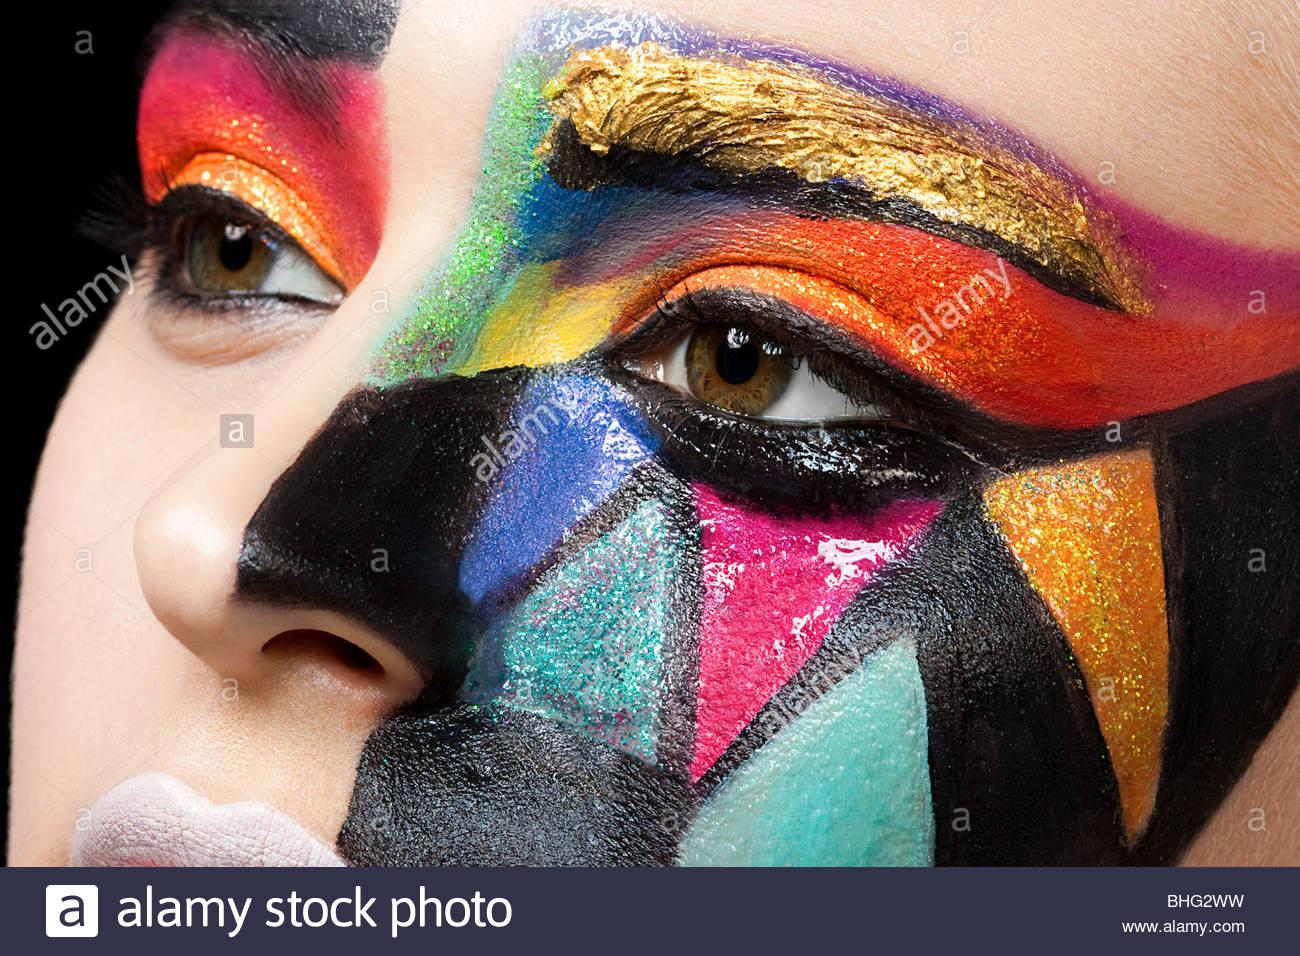 Mujer con patrón de colorido en la cara Imagen De Stock